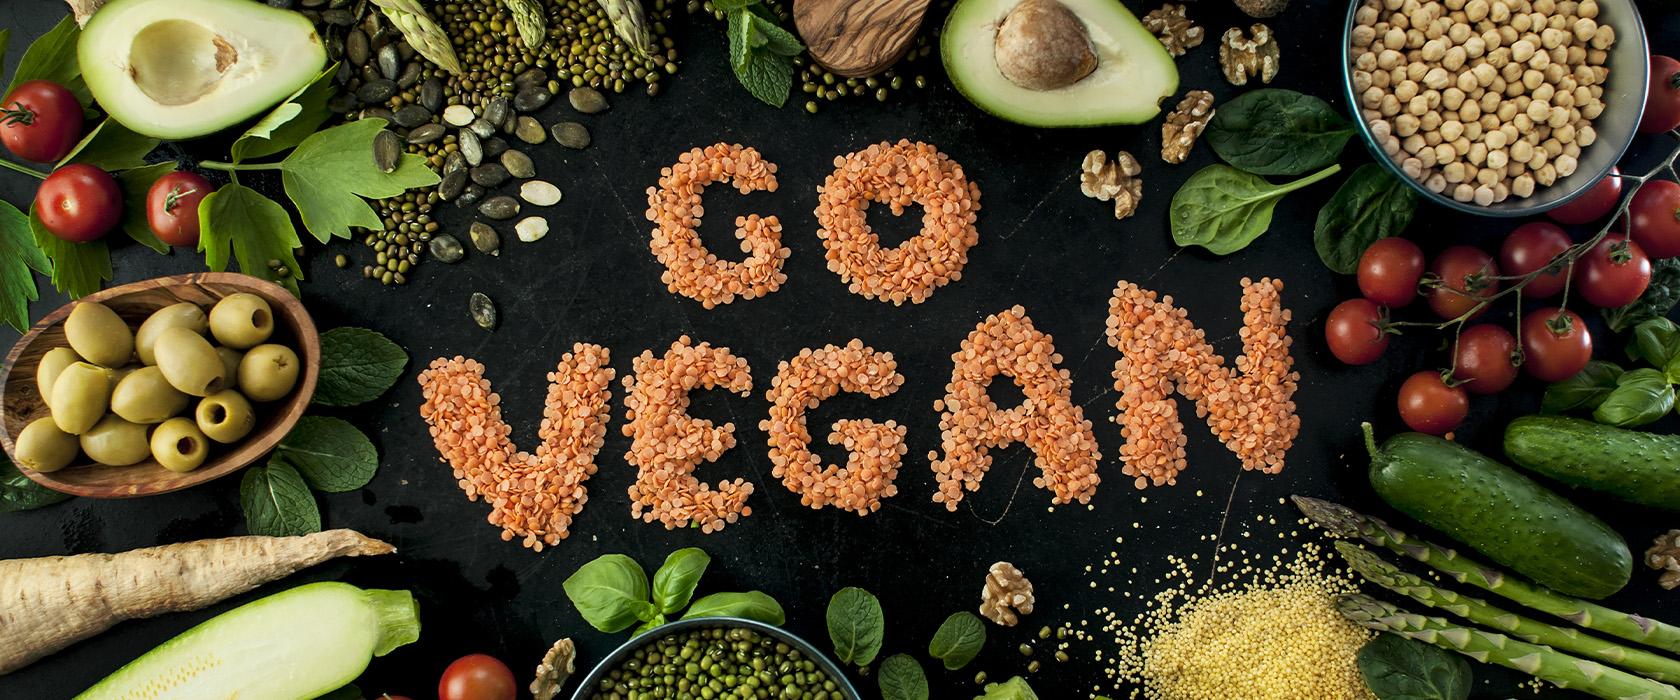 Правильное питание для веганов - блог о правильном питании IQkitchen